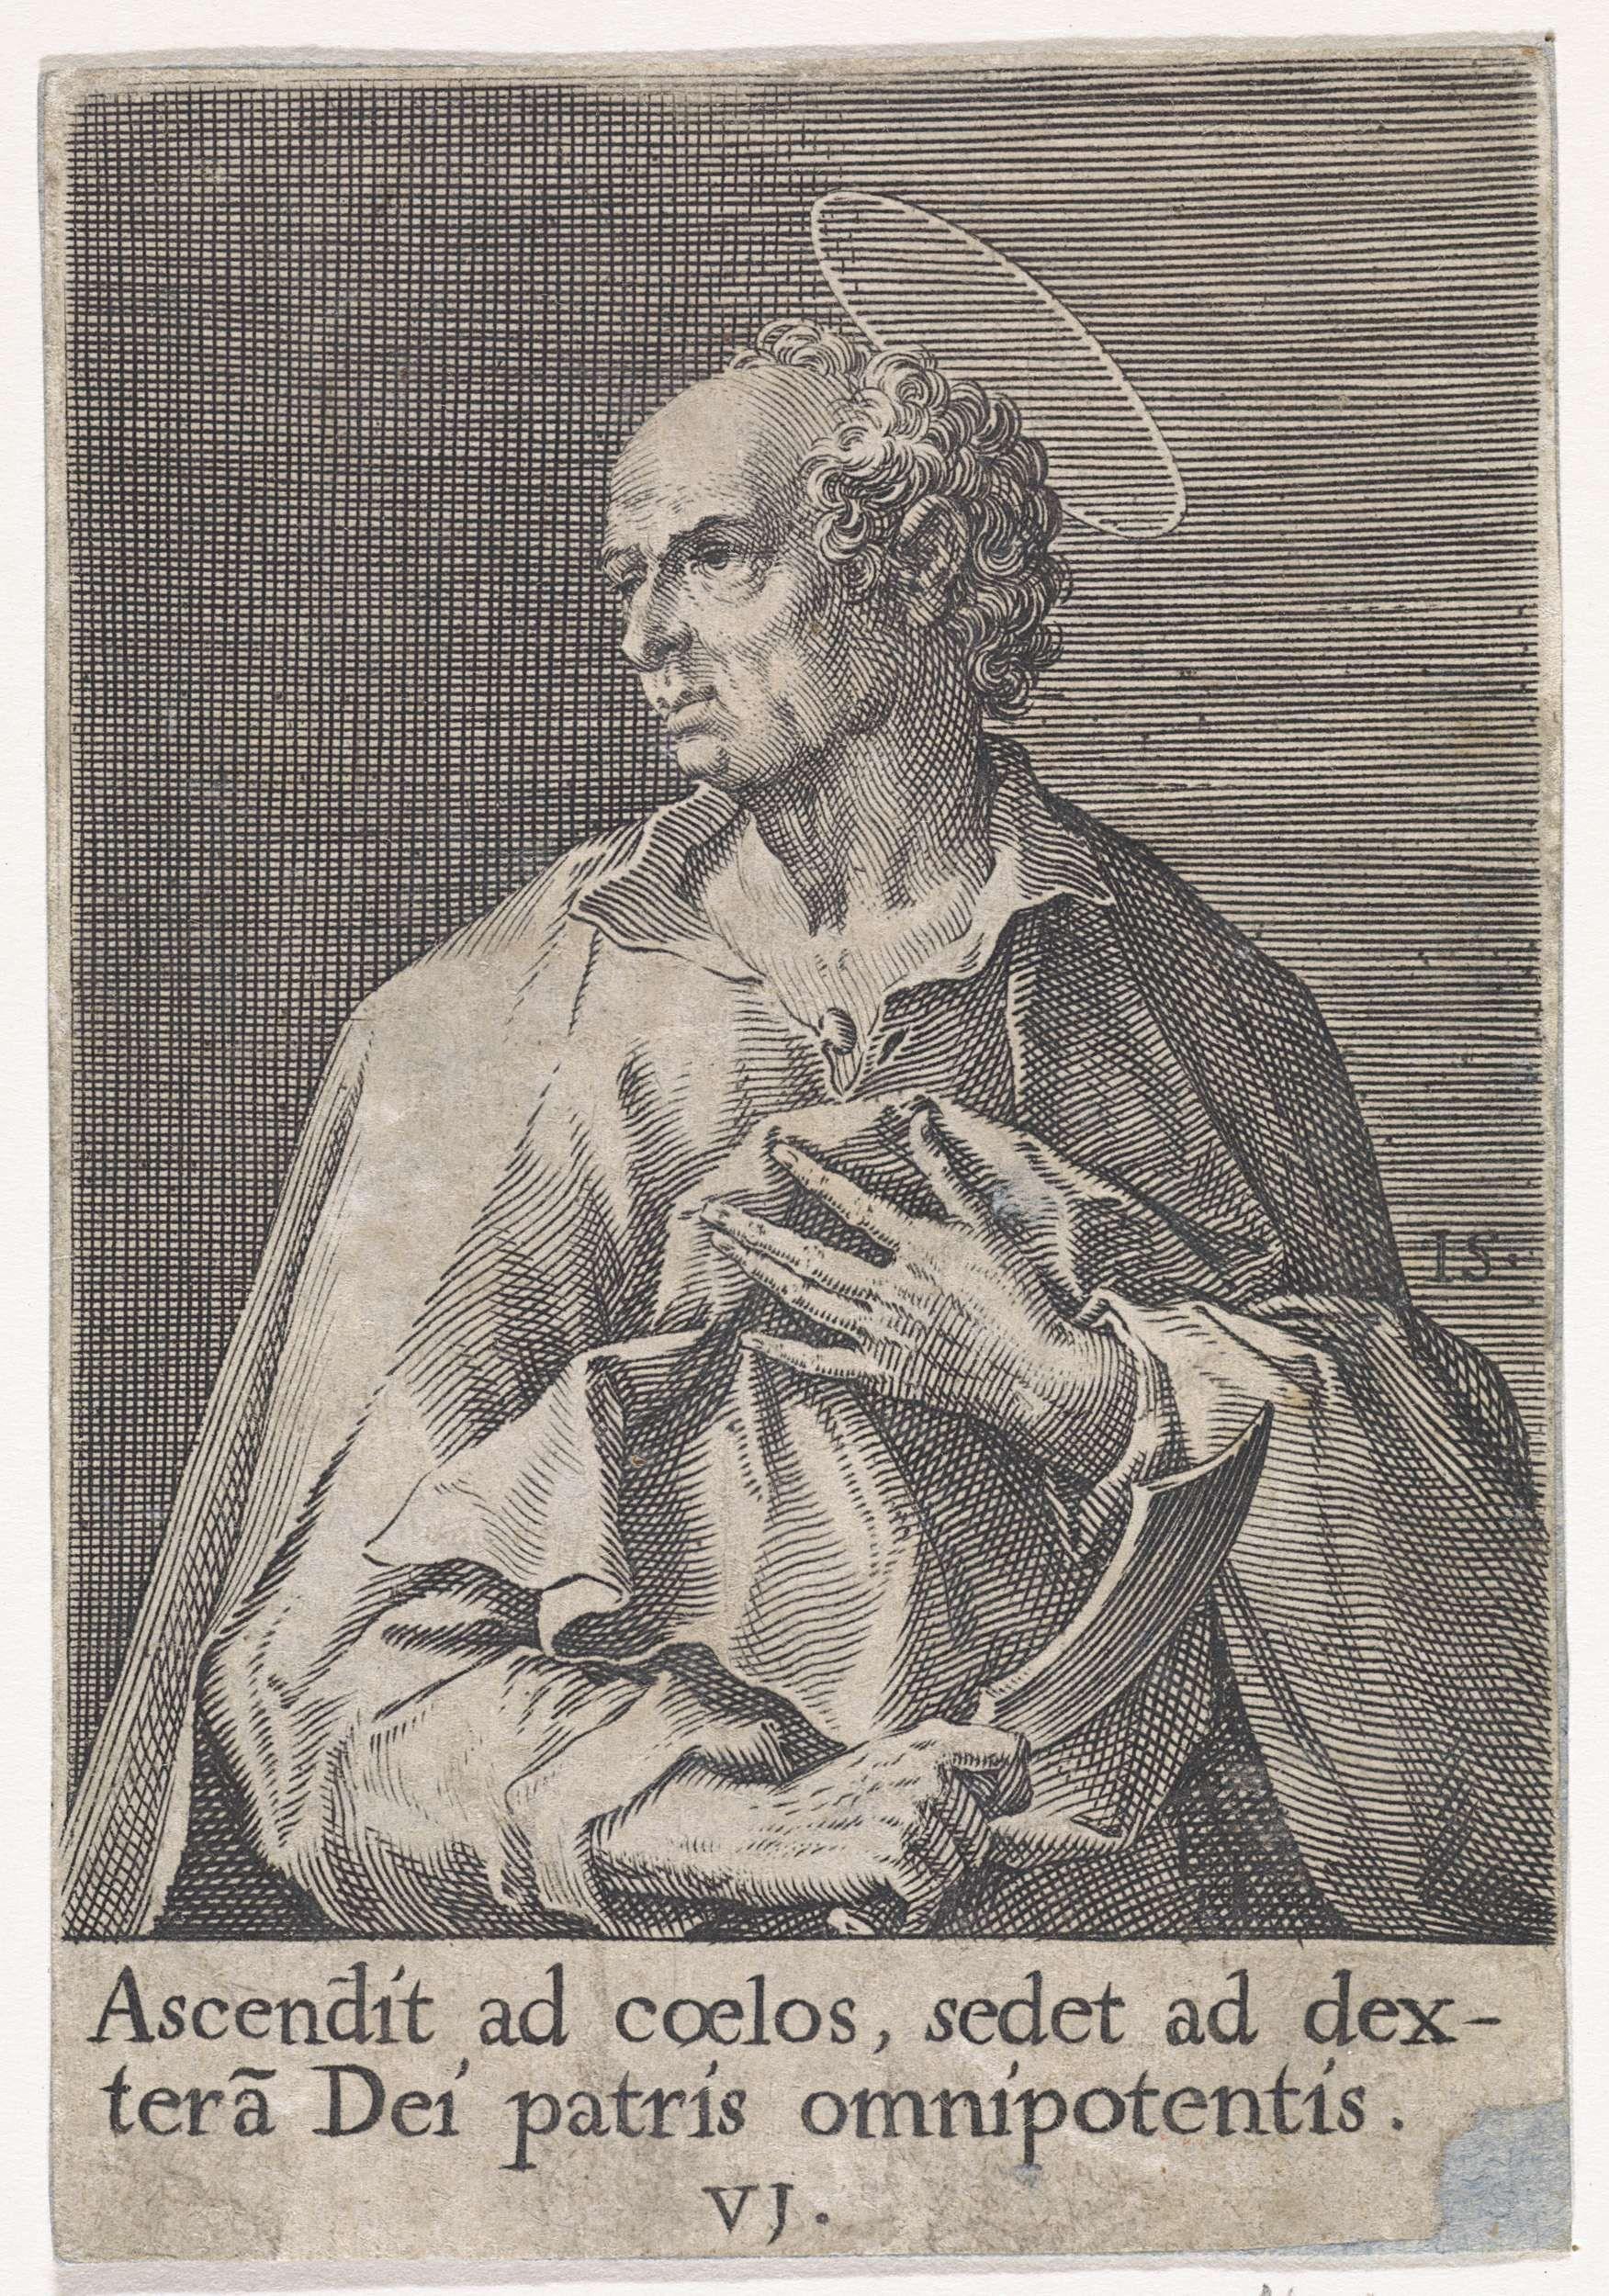 Johann Sadeler (I)   Apostel Bartholomeus, Johann Sadeler (I), 1570 - 1600   De apostel Bartholomeus, met als attribuut het mes waarmee hij werd gevild. De prent heeft een Latijns onderschrijft met een regel uit het Credo. De achtste prent in een serie van veertien waarvan de prenten met een apostel genummerd zijn van 1 tot 12.